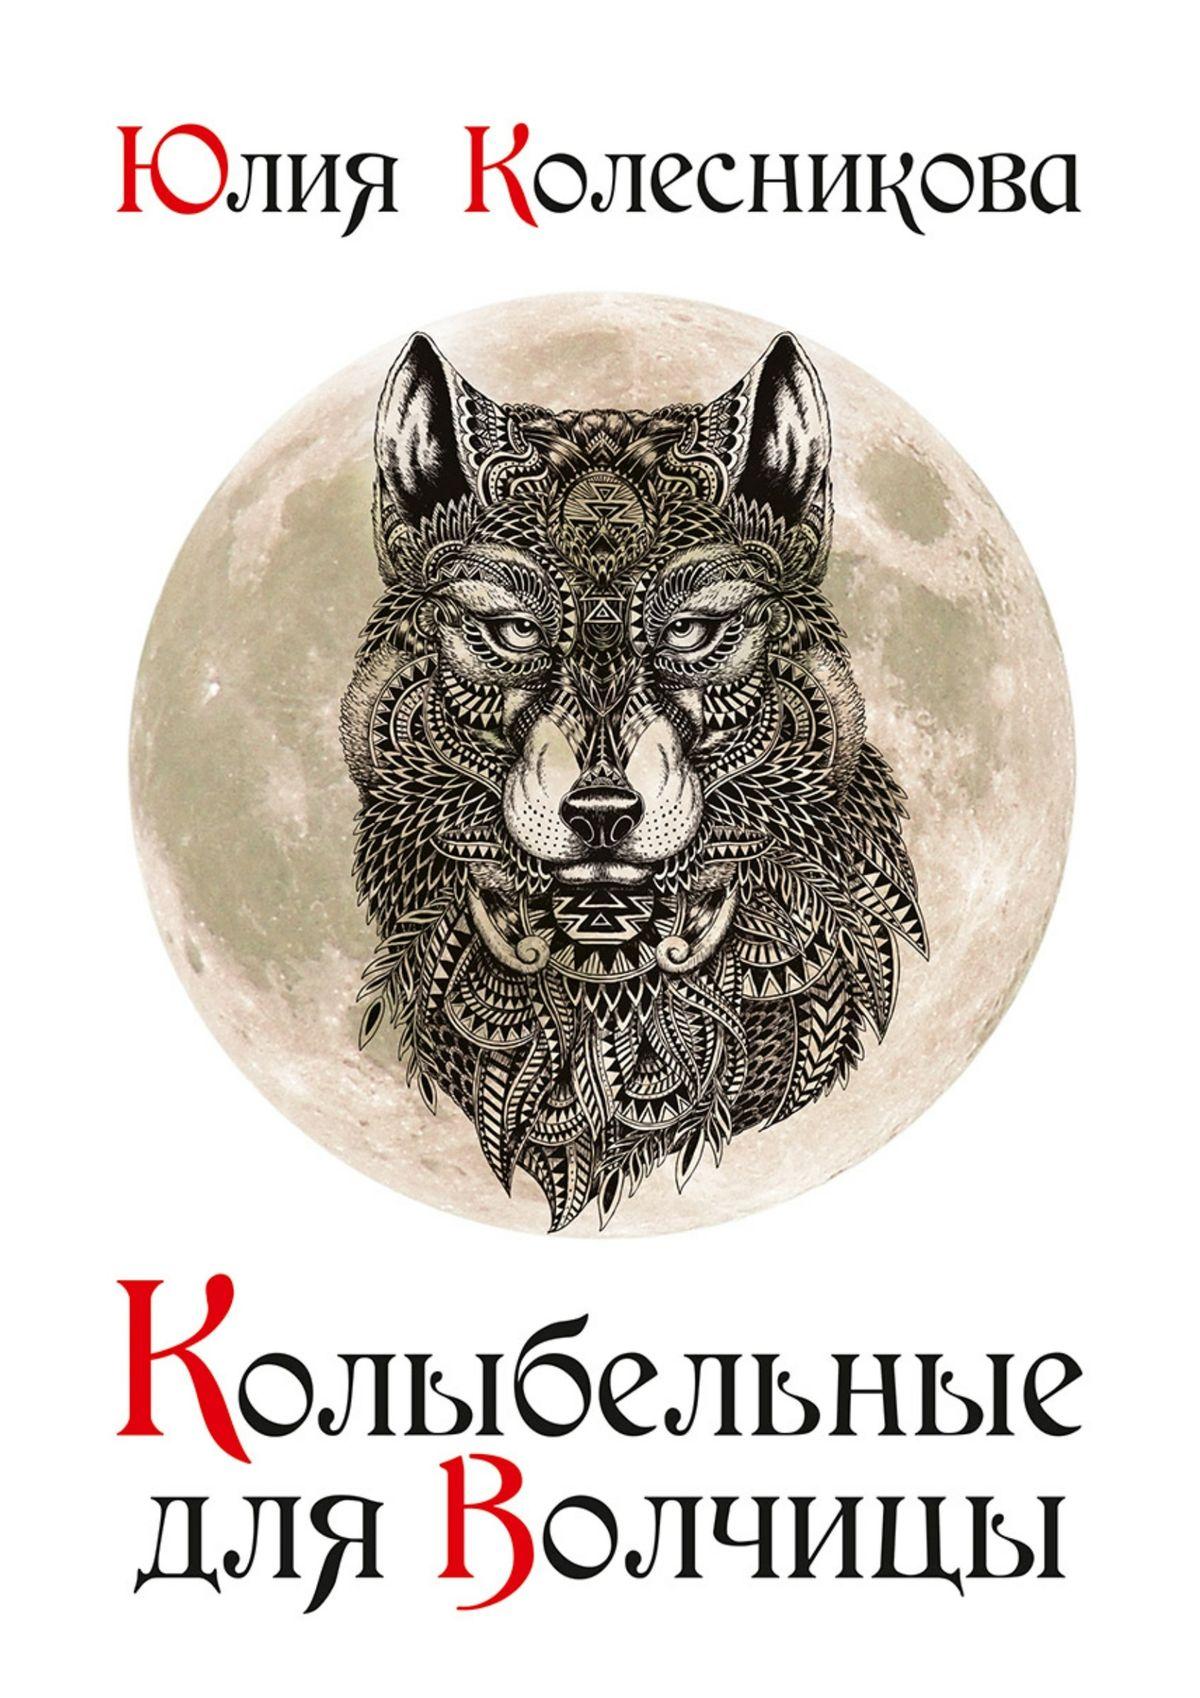 Юлия Колесникова Колыбельные для Волчицы мила мальцева сиреневый ветер книга первая вдох